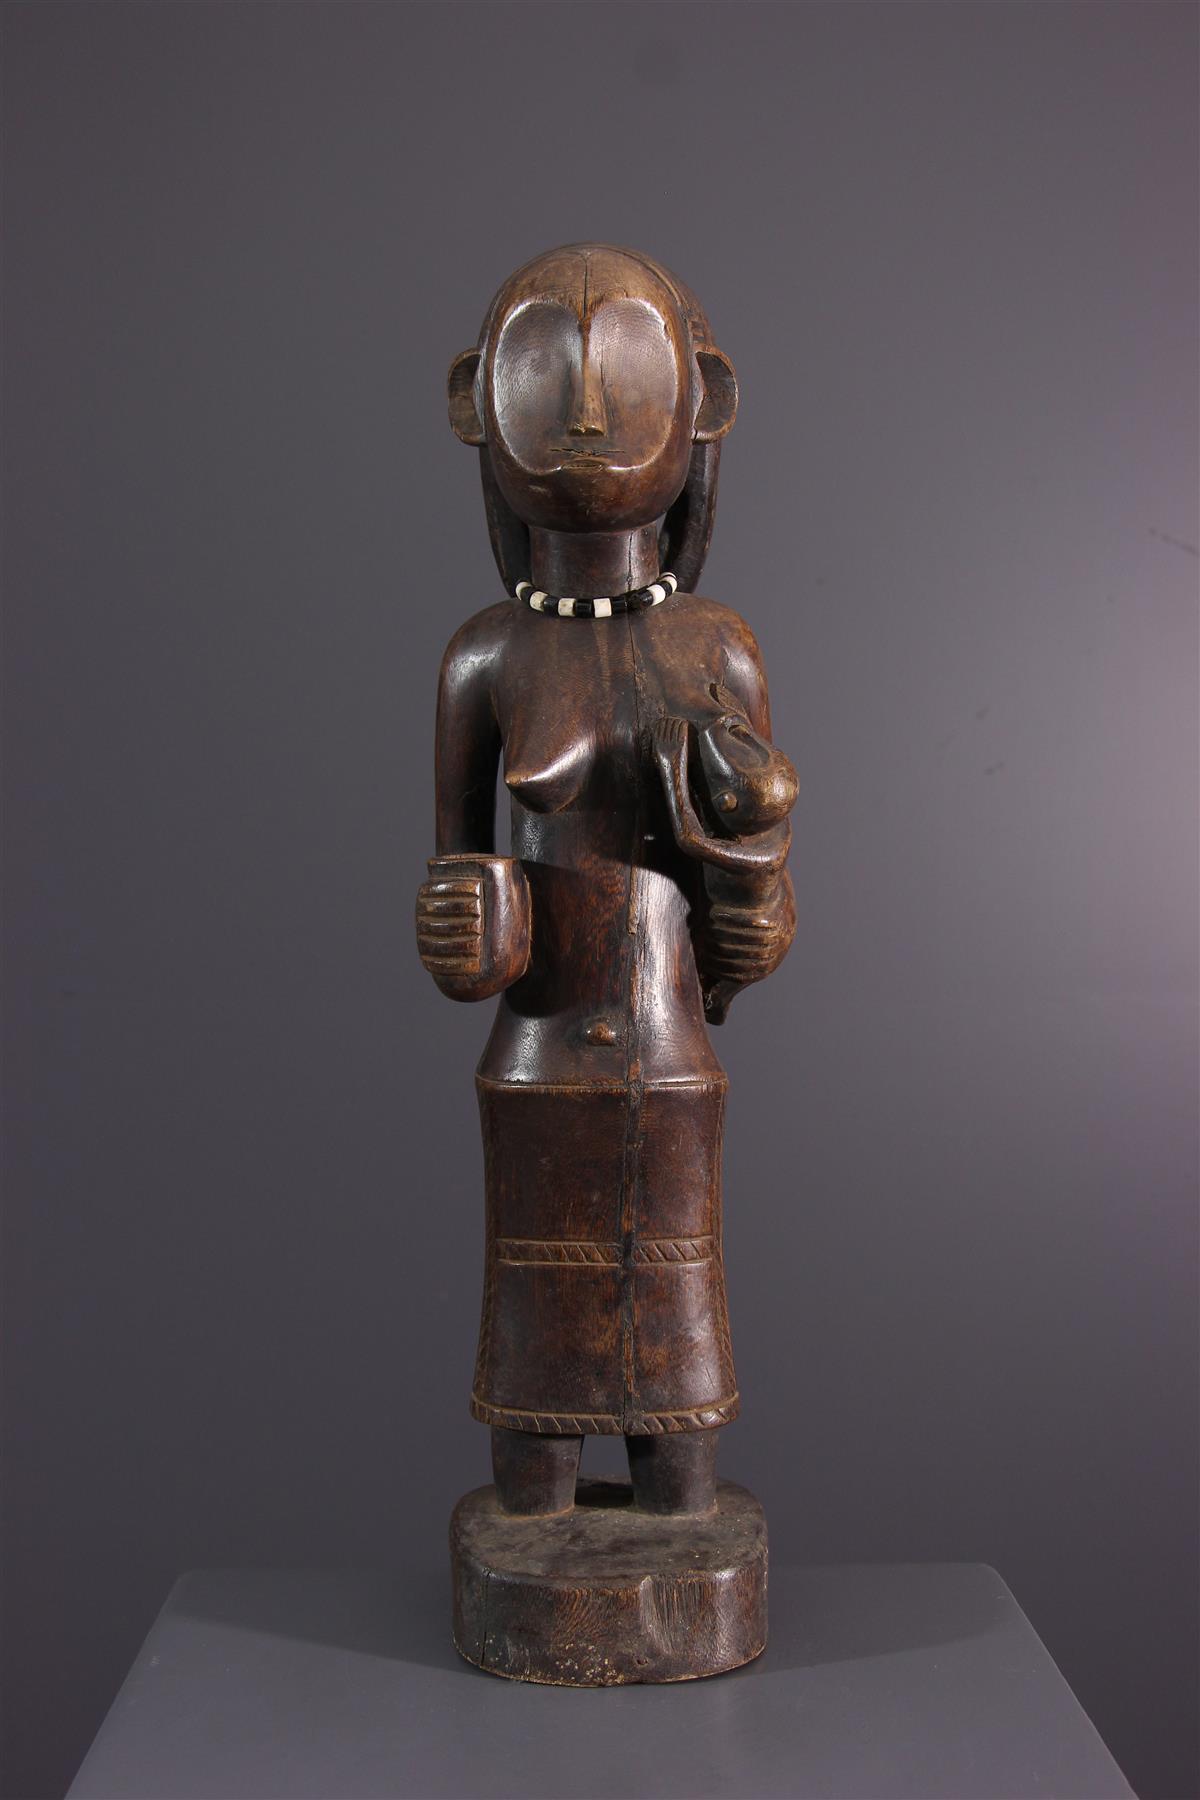 Ovimbundu statue - African art